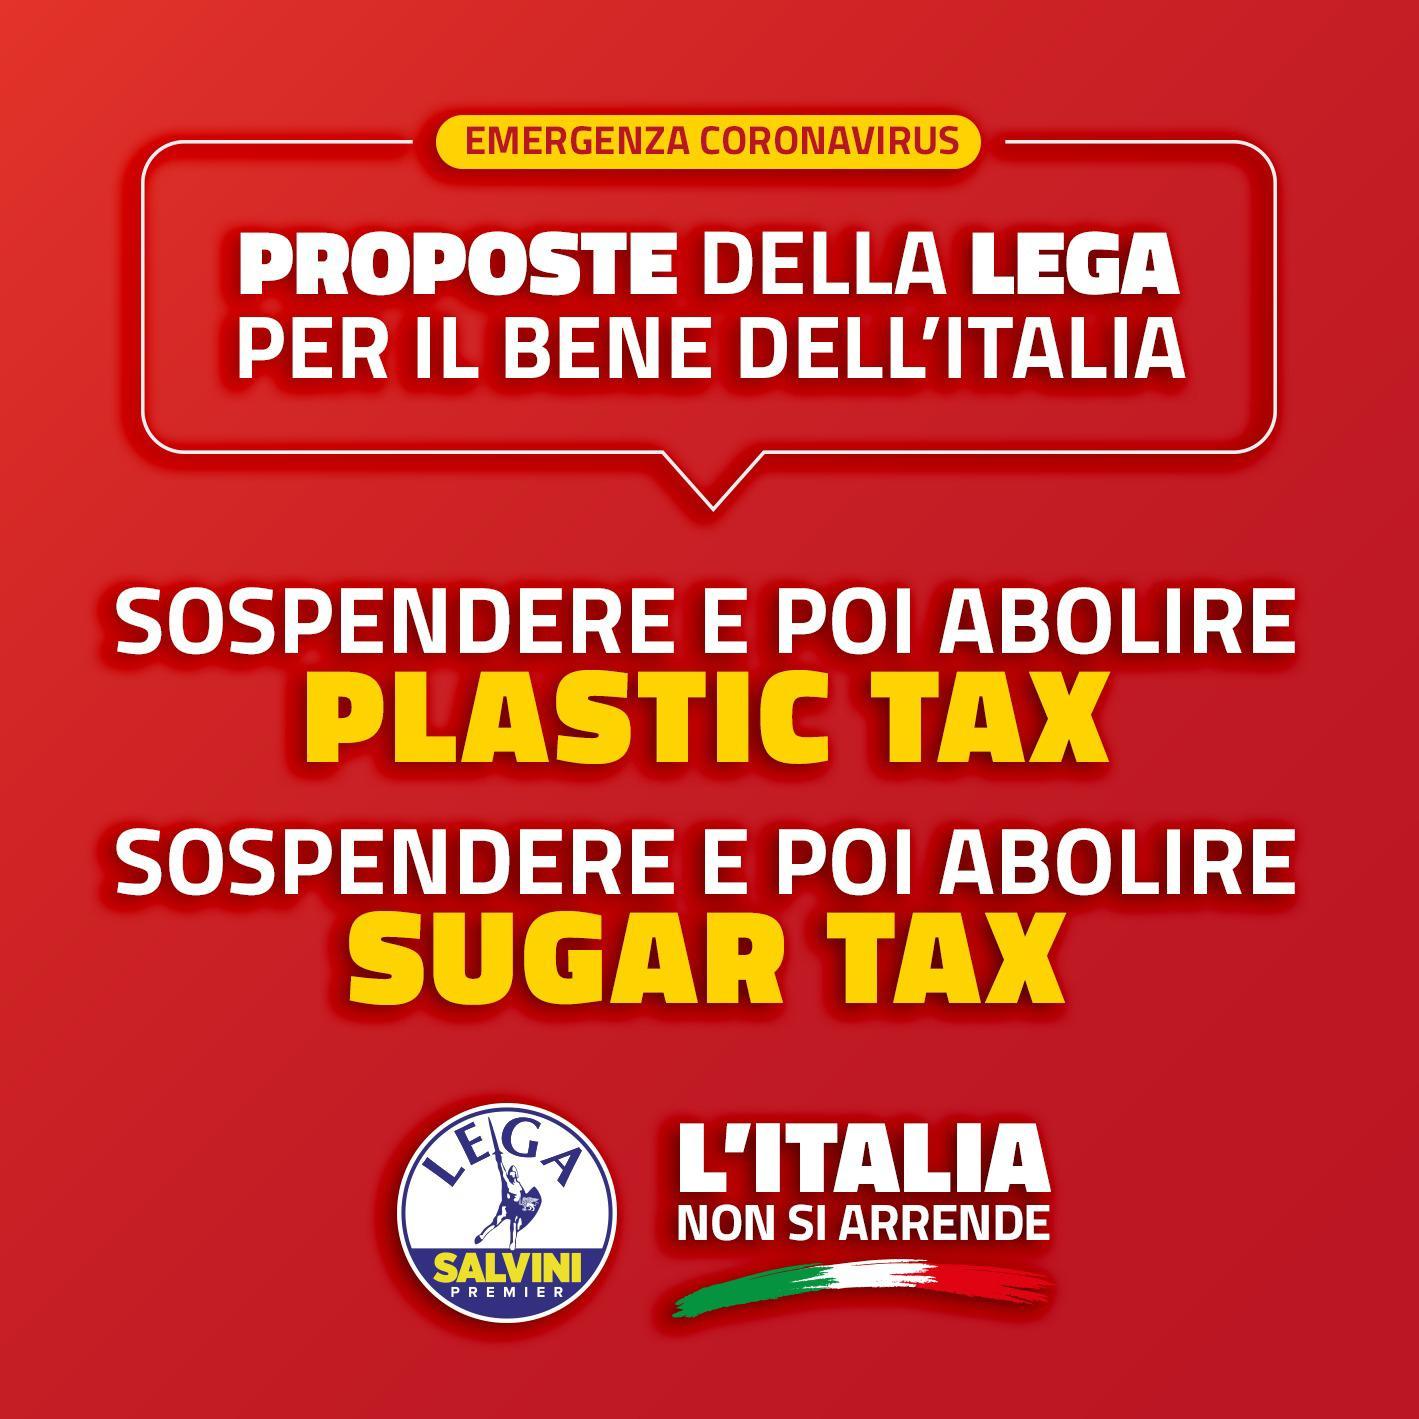 Proposte della Lega per il bene dell'Italia